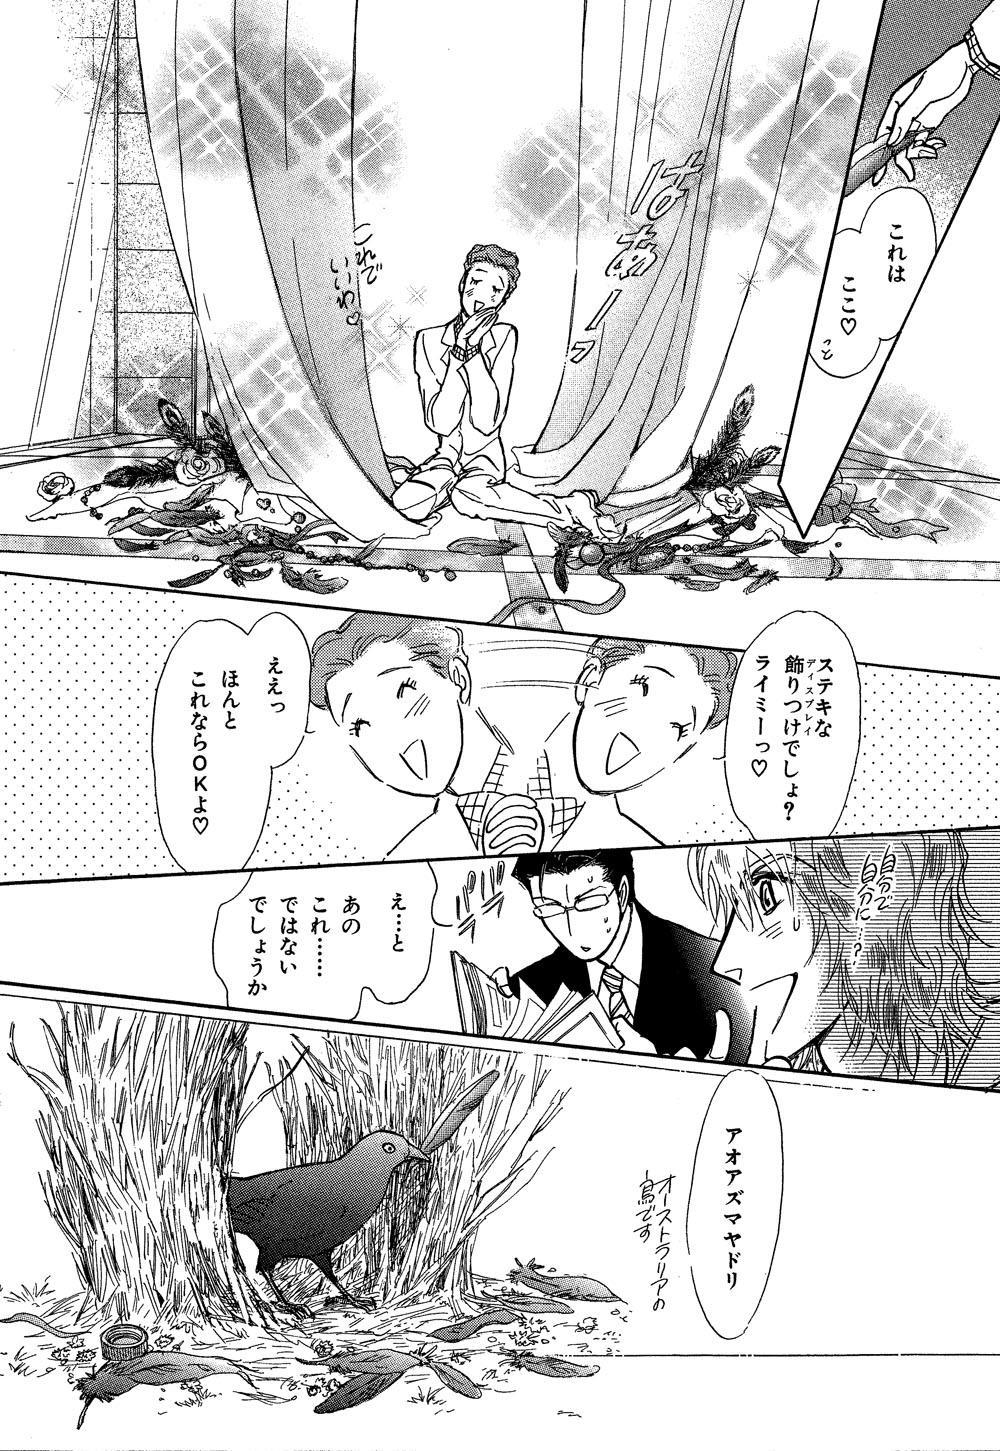 クォートアンドハーフR_03_0080.jpg